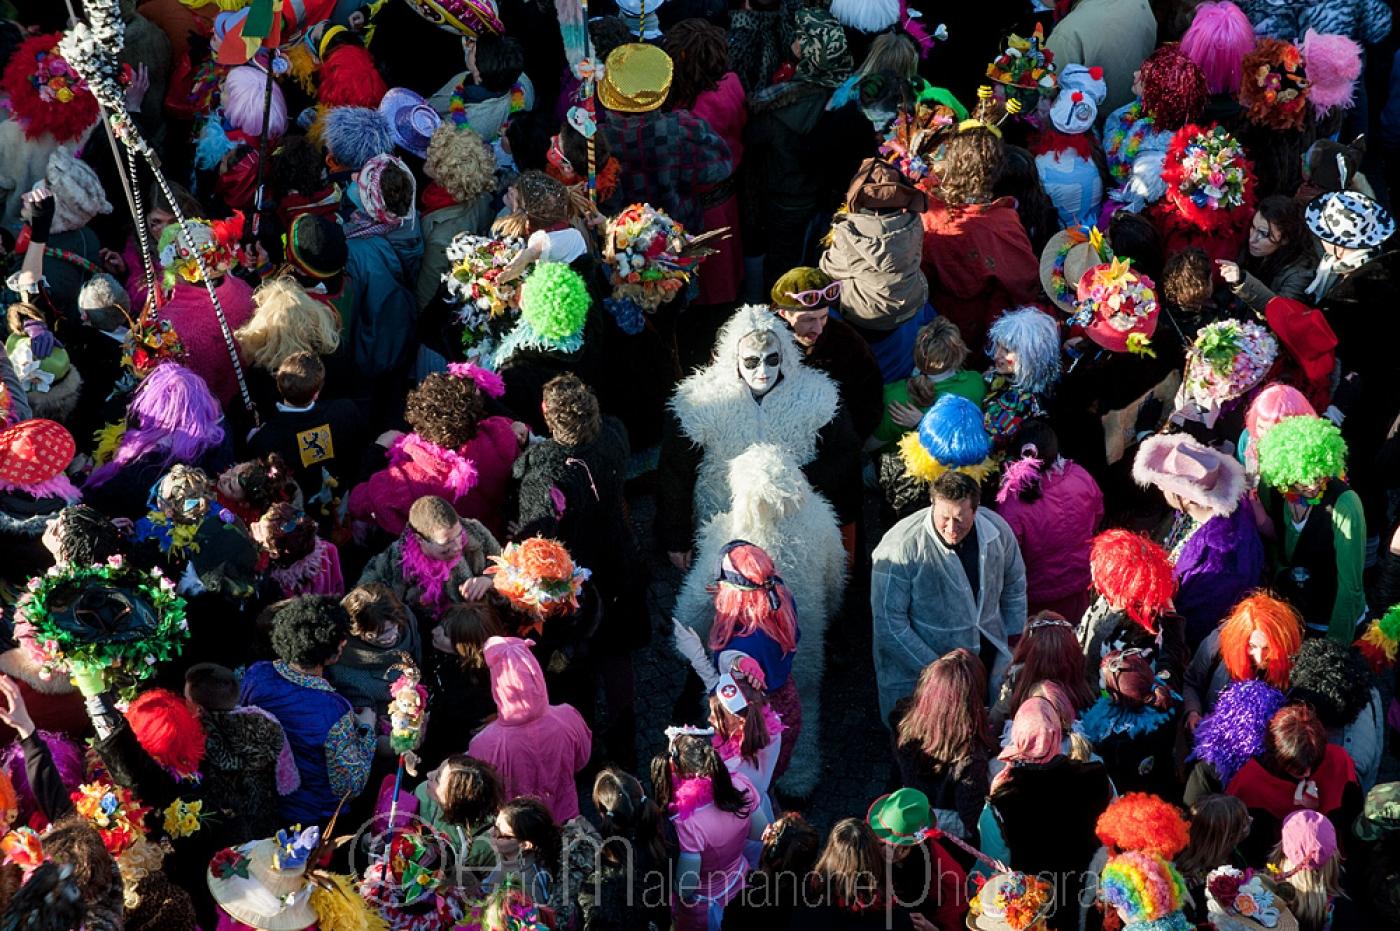 http://www.ericmalemanche.com/imagess/topics/carnaval-de-dunkerque/liste/Carnaval-Dunkerque_0735.jpg